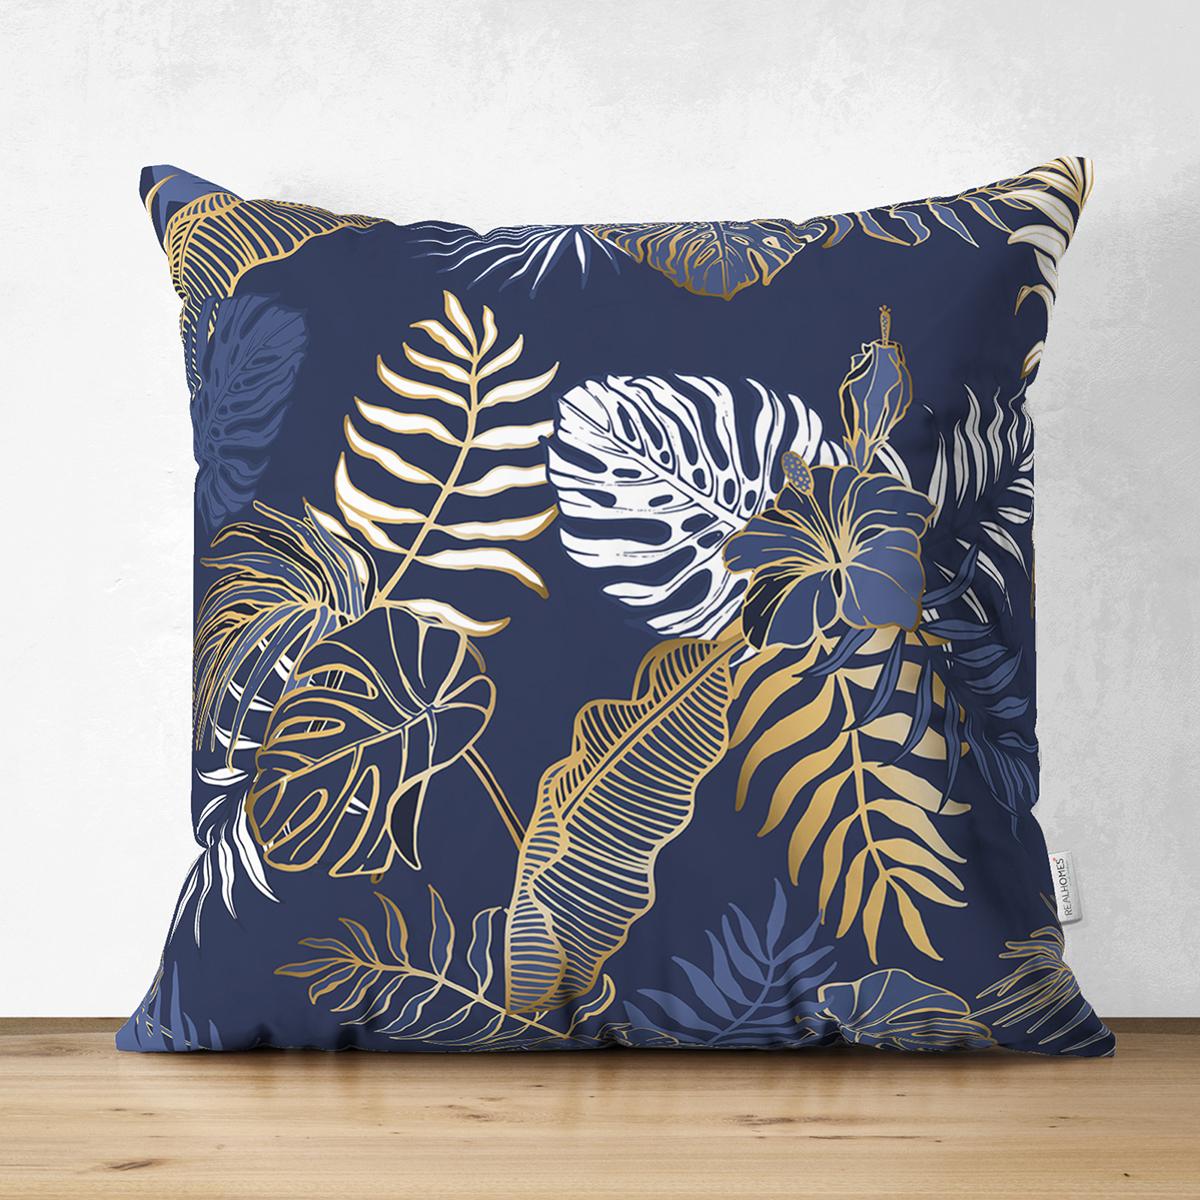 Çift Taraflı Mavi Zemin Üzerinde Gold Detaylı Yaprak Desenli Modern Süet Yastık Kırlent Kılıfı Realhomes